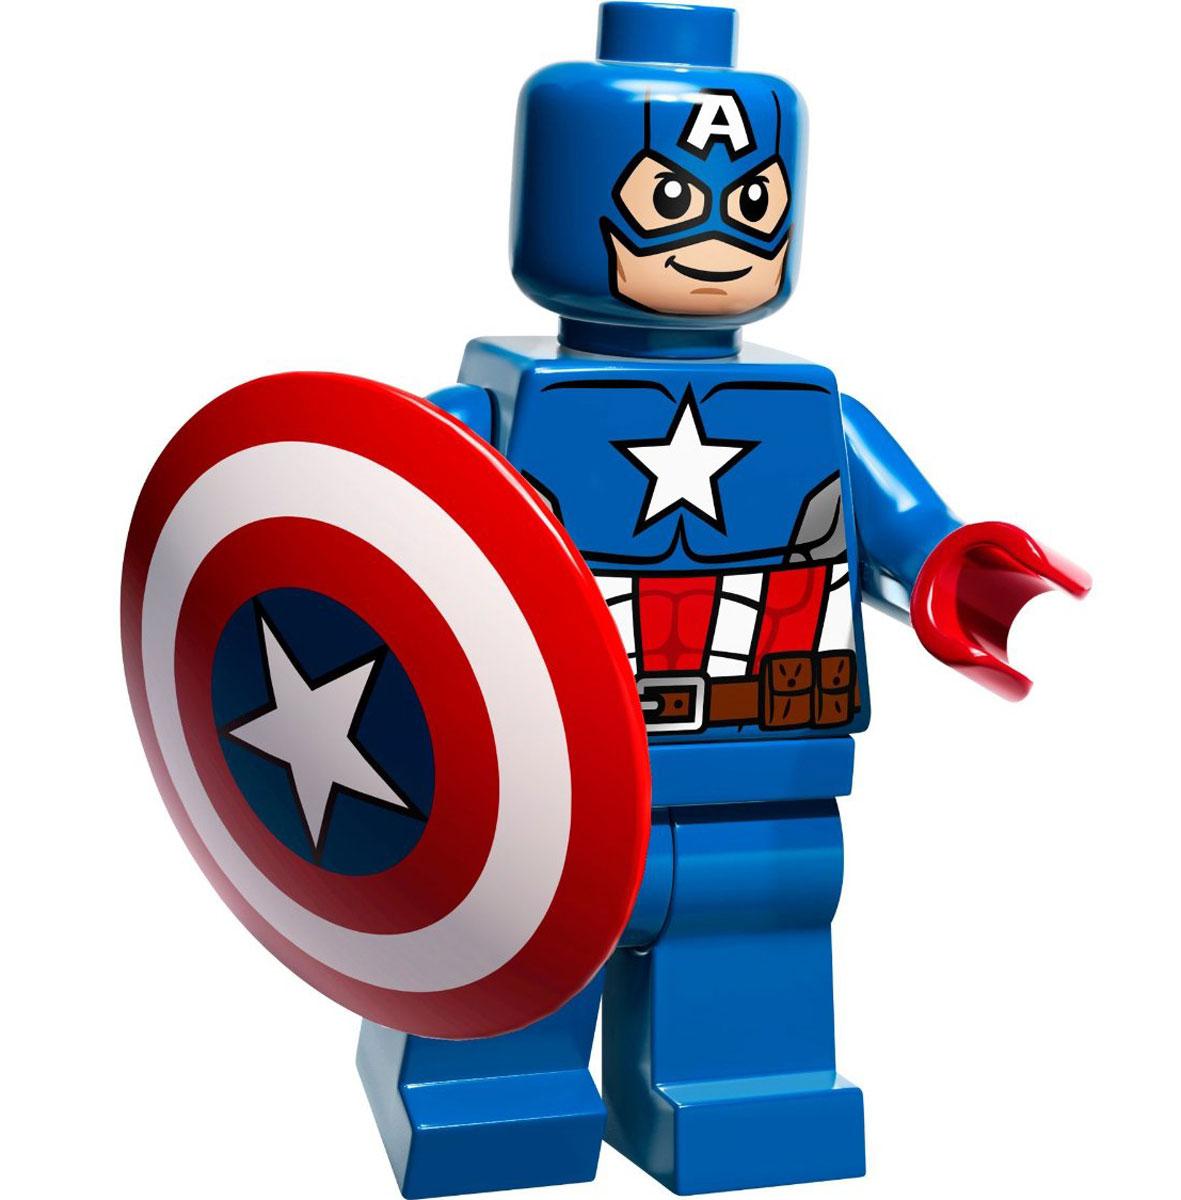 Как сделать своего супергероя из лего